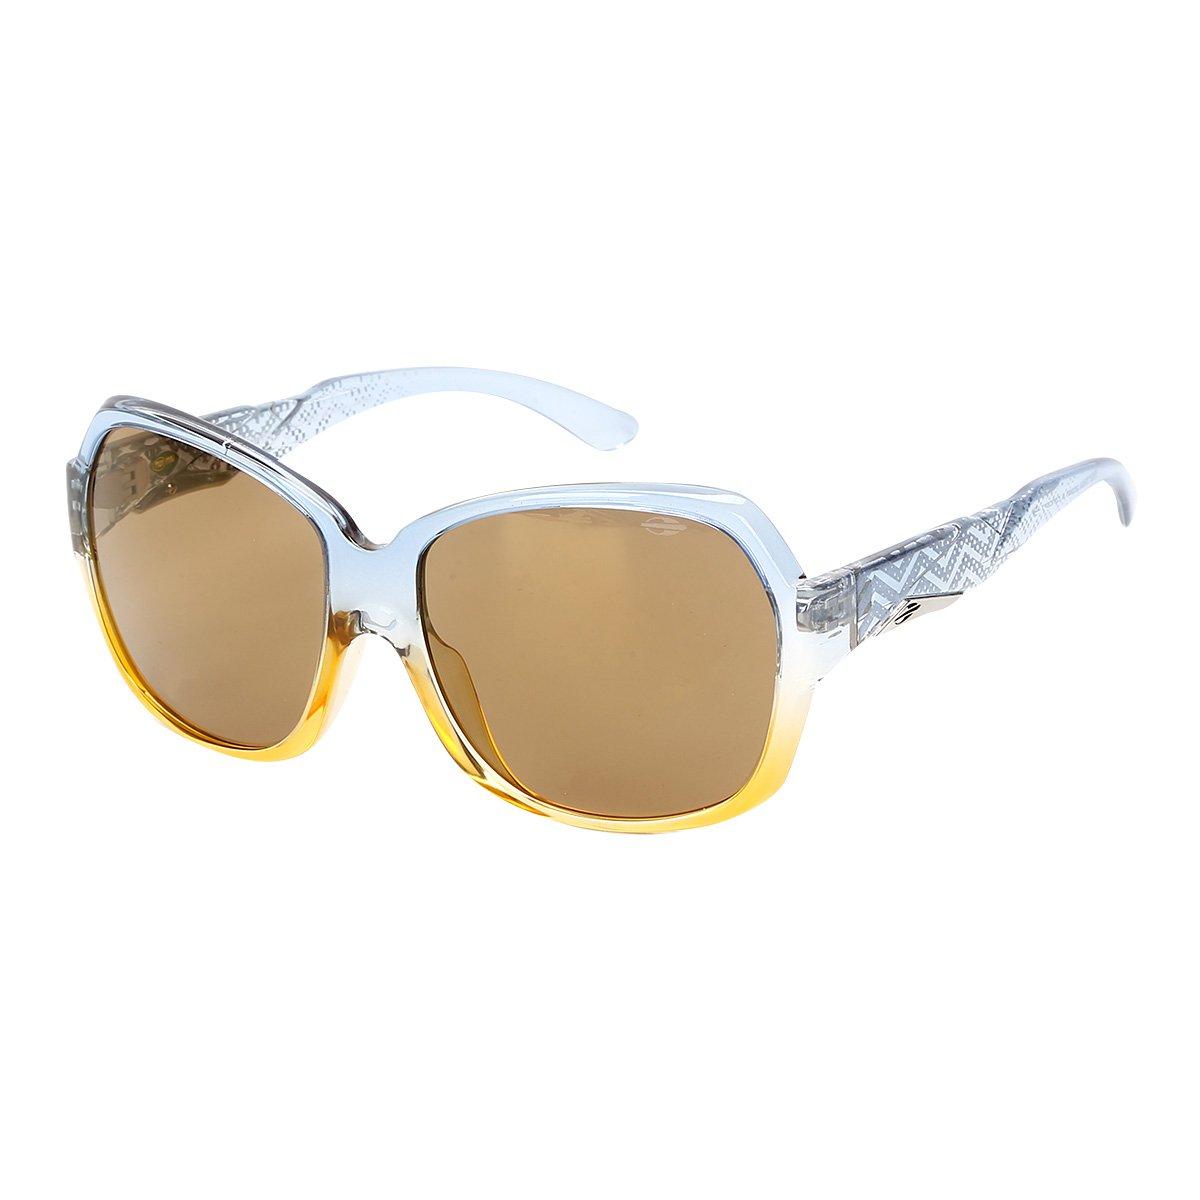 6b9fde813 Óculos de Sol Mormaii Santa 36438281 Feminino